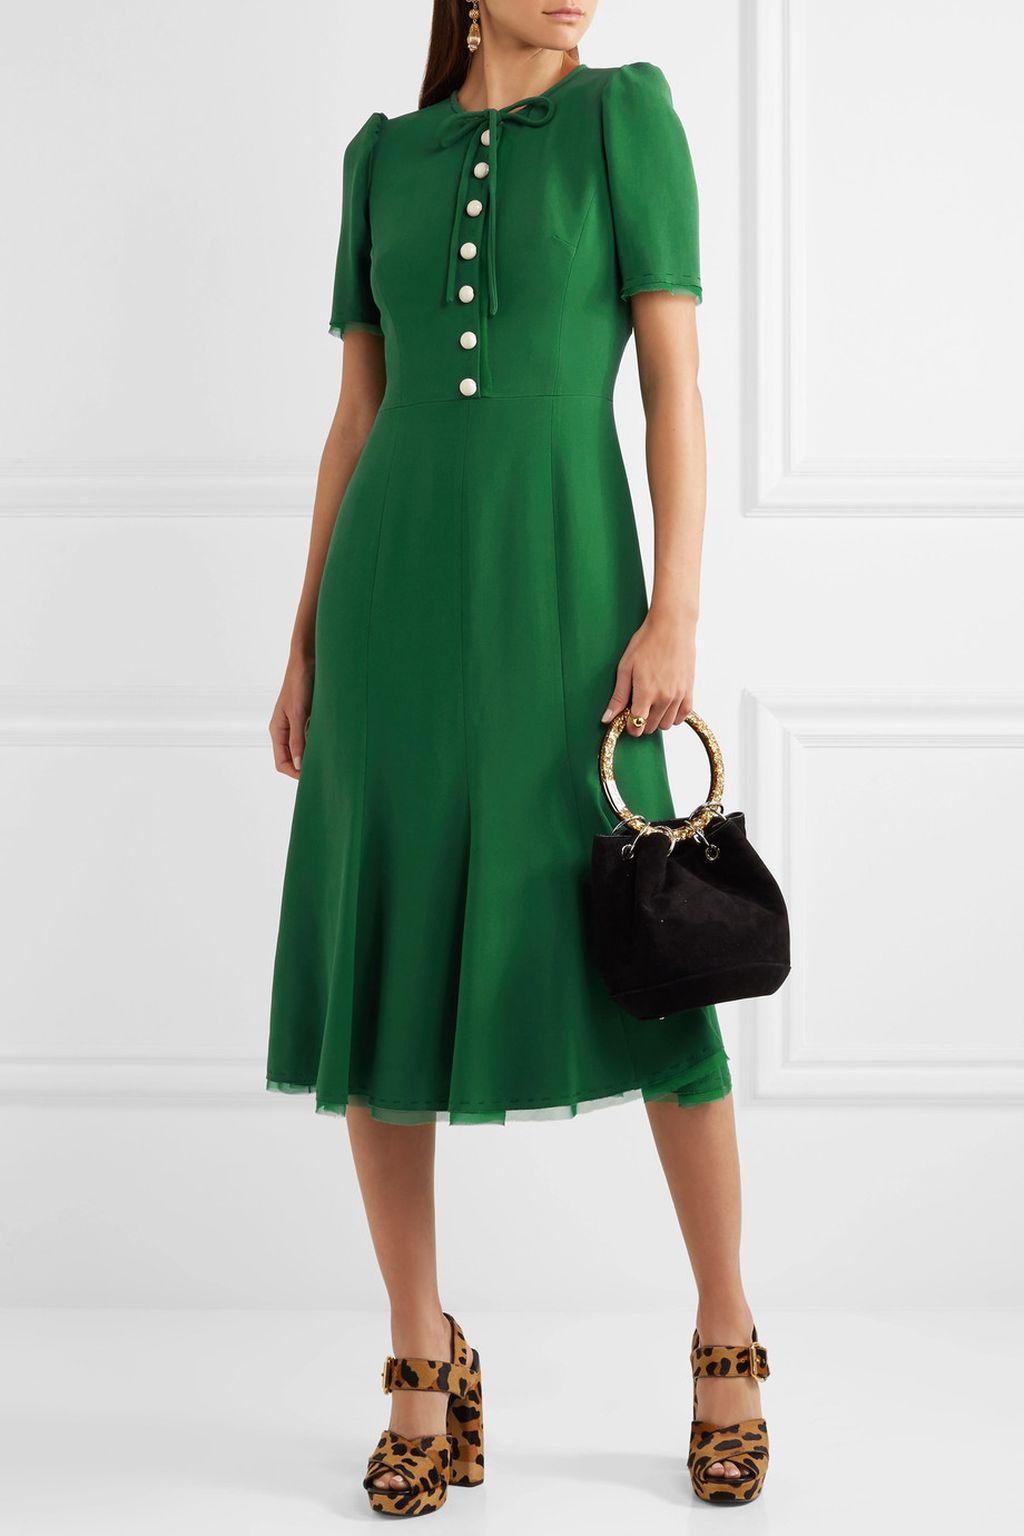 D&G haljina slična onoj Catherine Middleton prodavala se po cijeni od oko 18.000 kuna